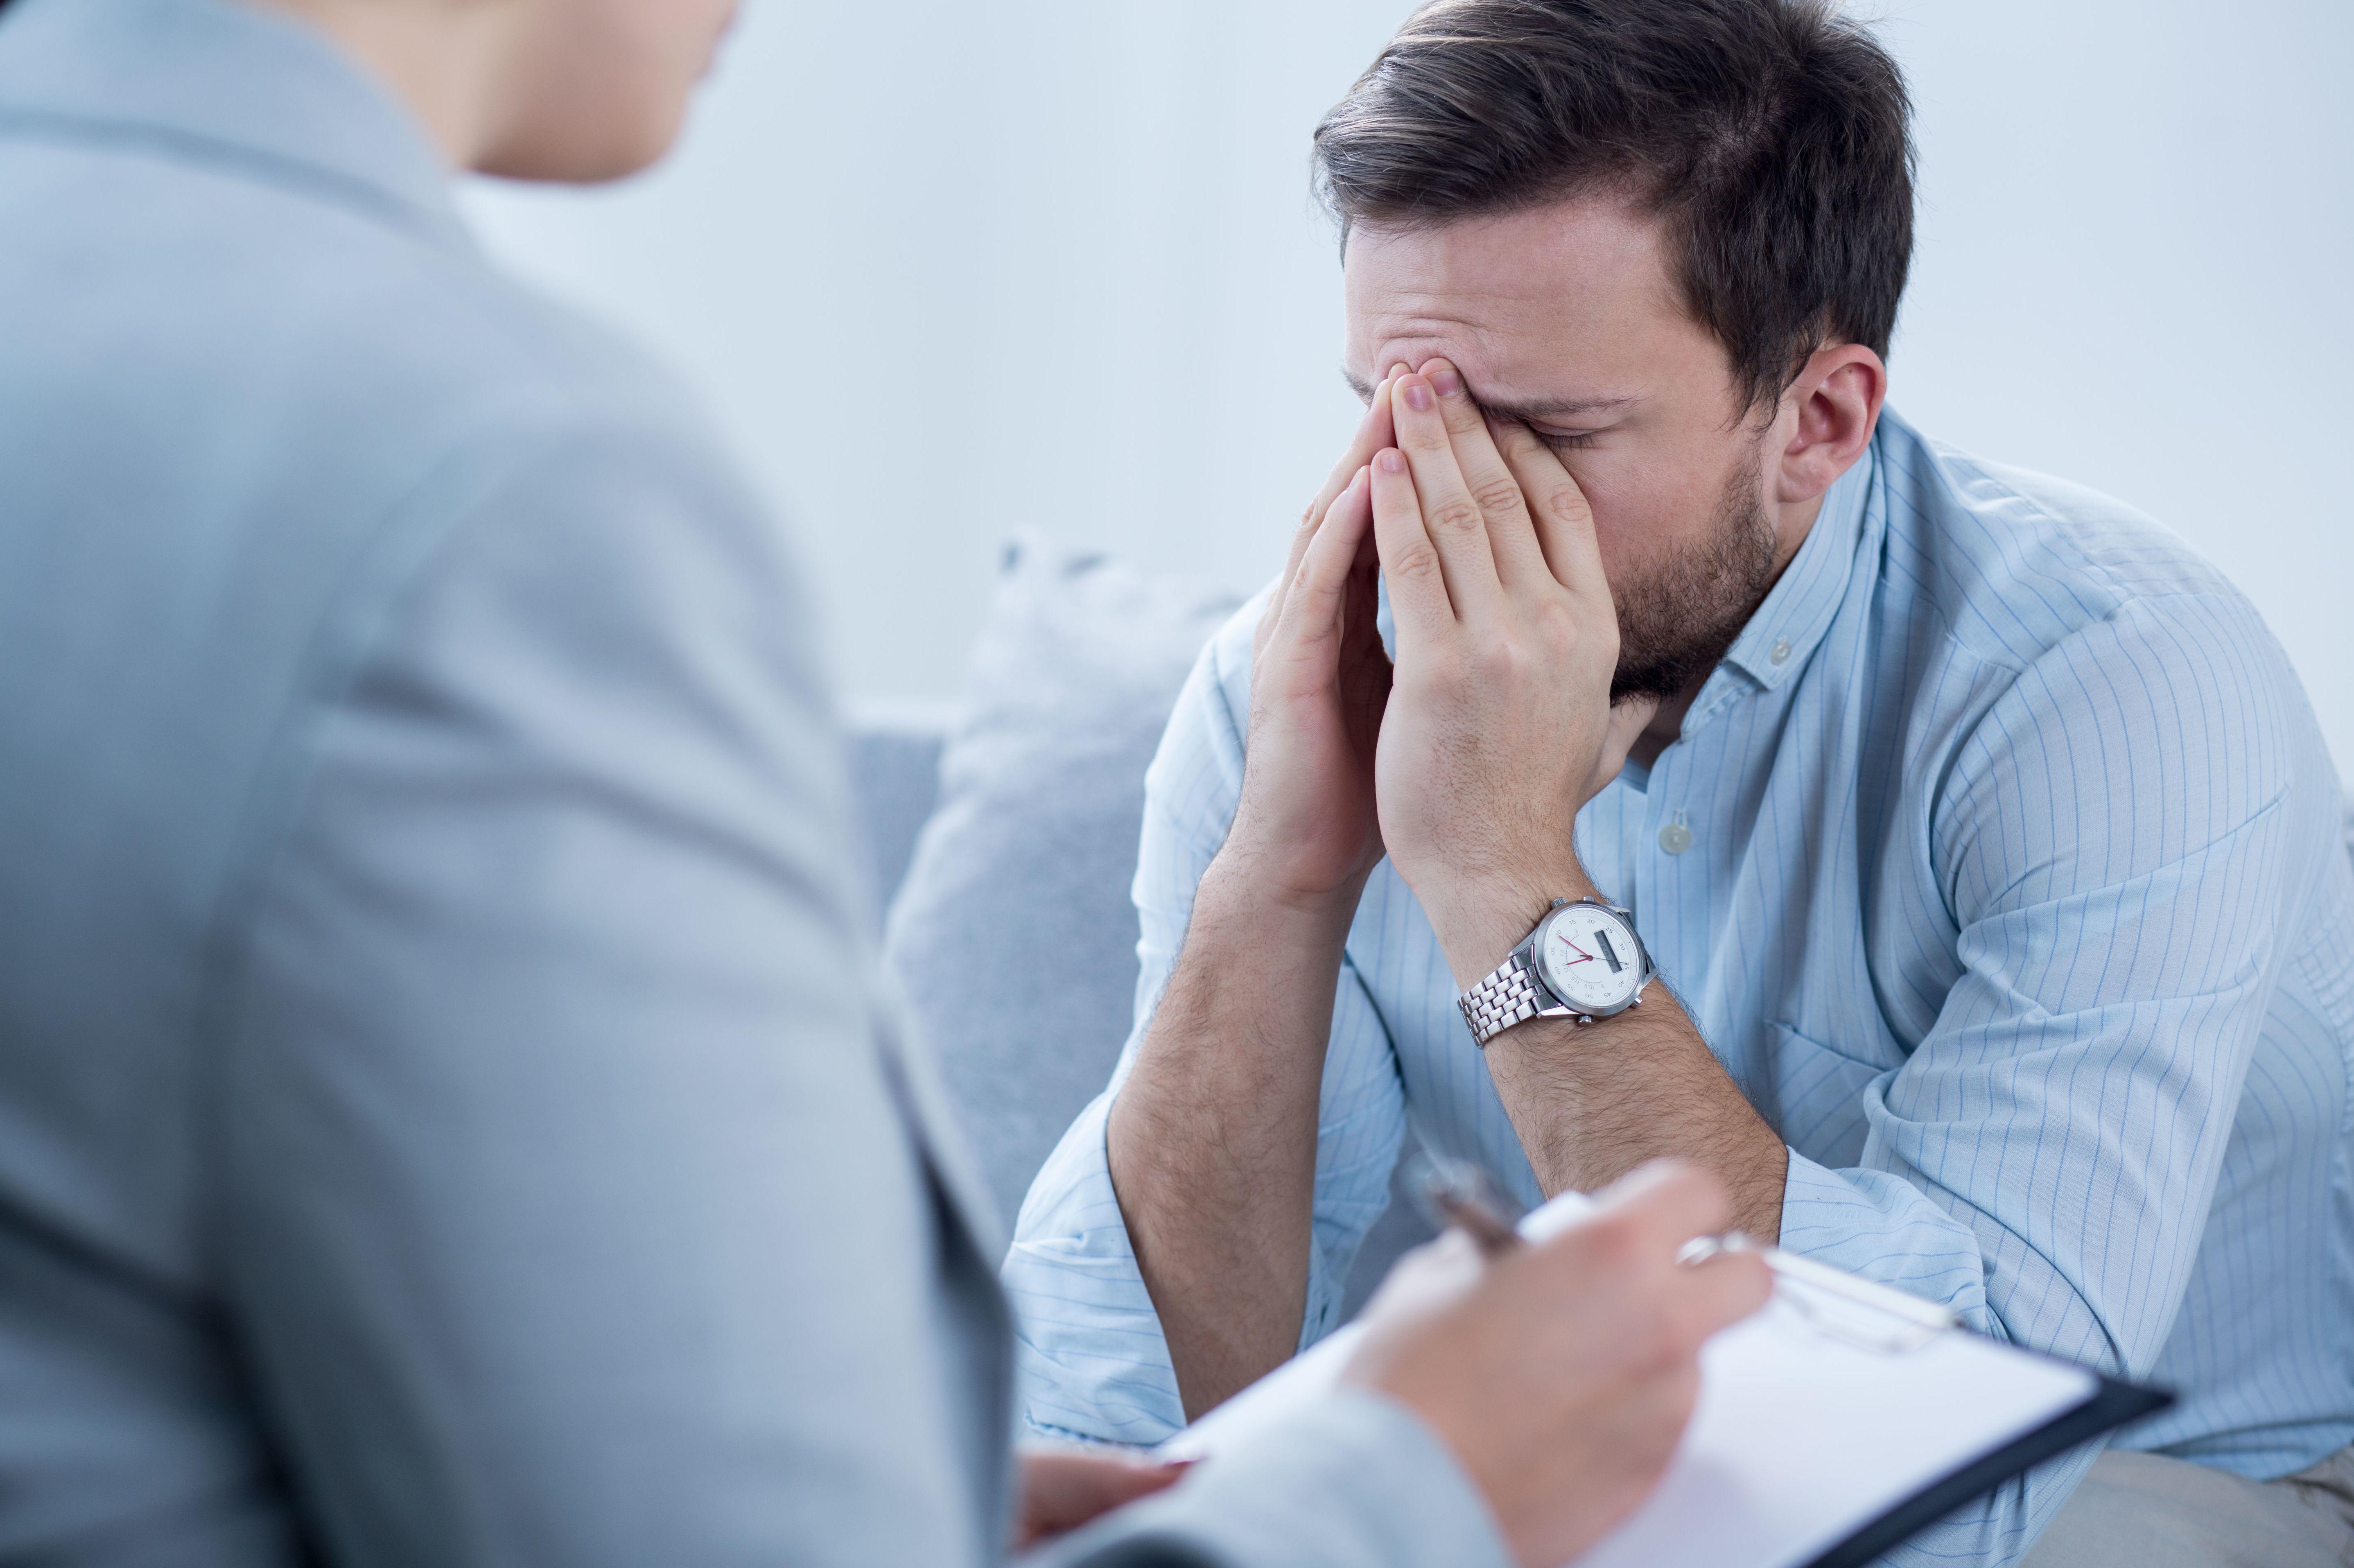 El estrés laboral puede ser considerado como accidente de trabajo